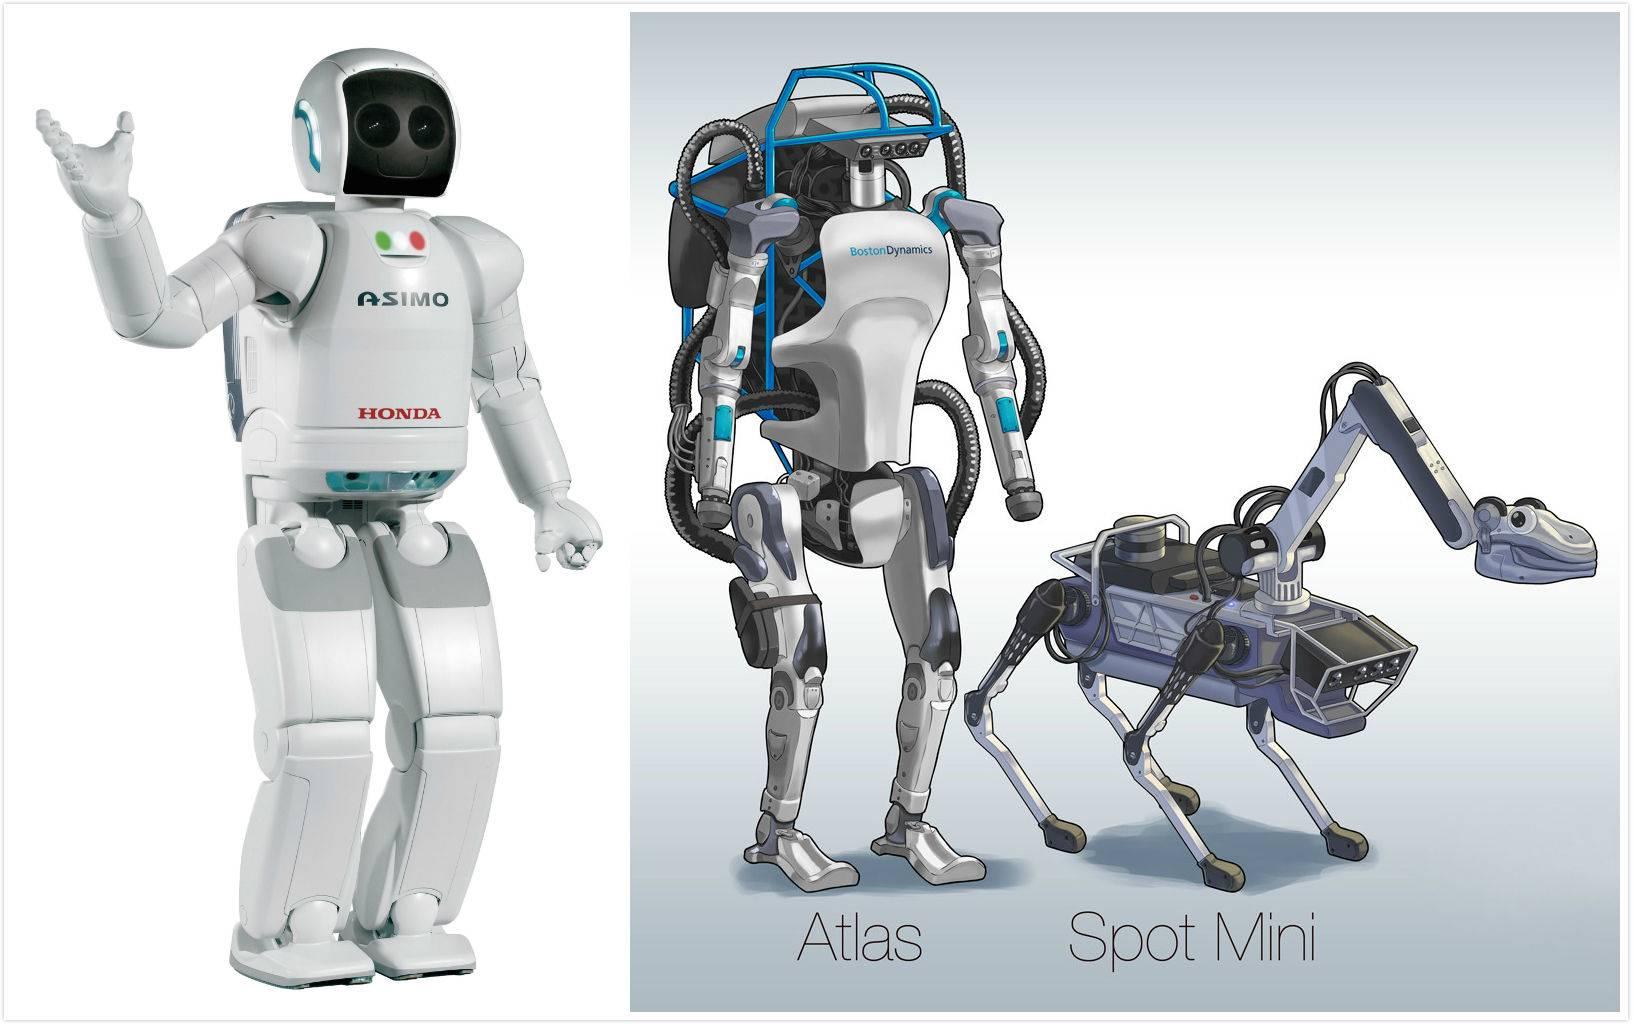 能端茶倒水还会察言观色,CES这个人形机器人成了会场大明星